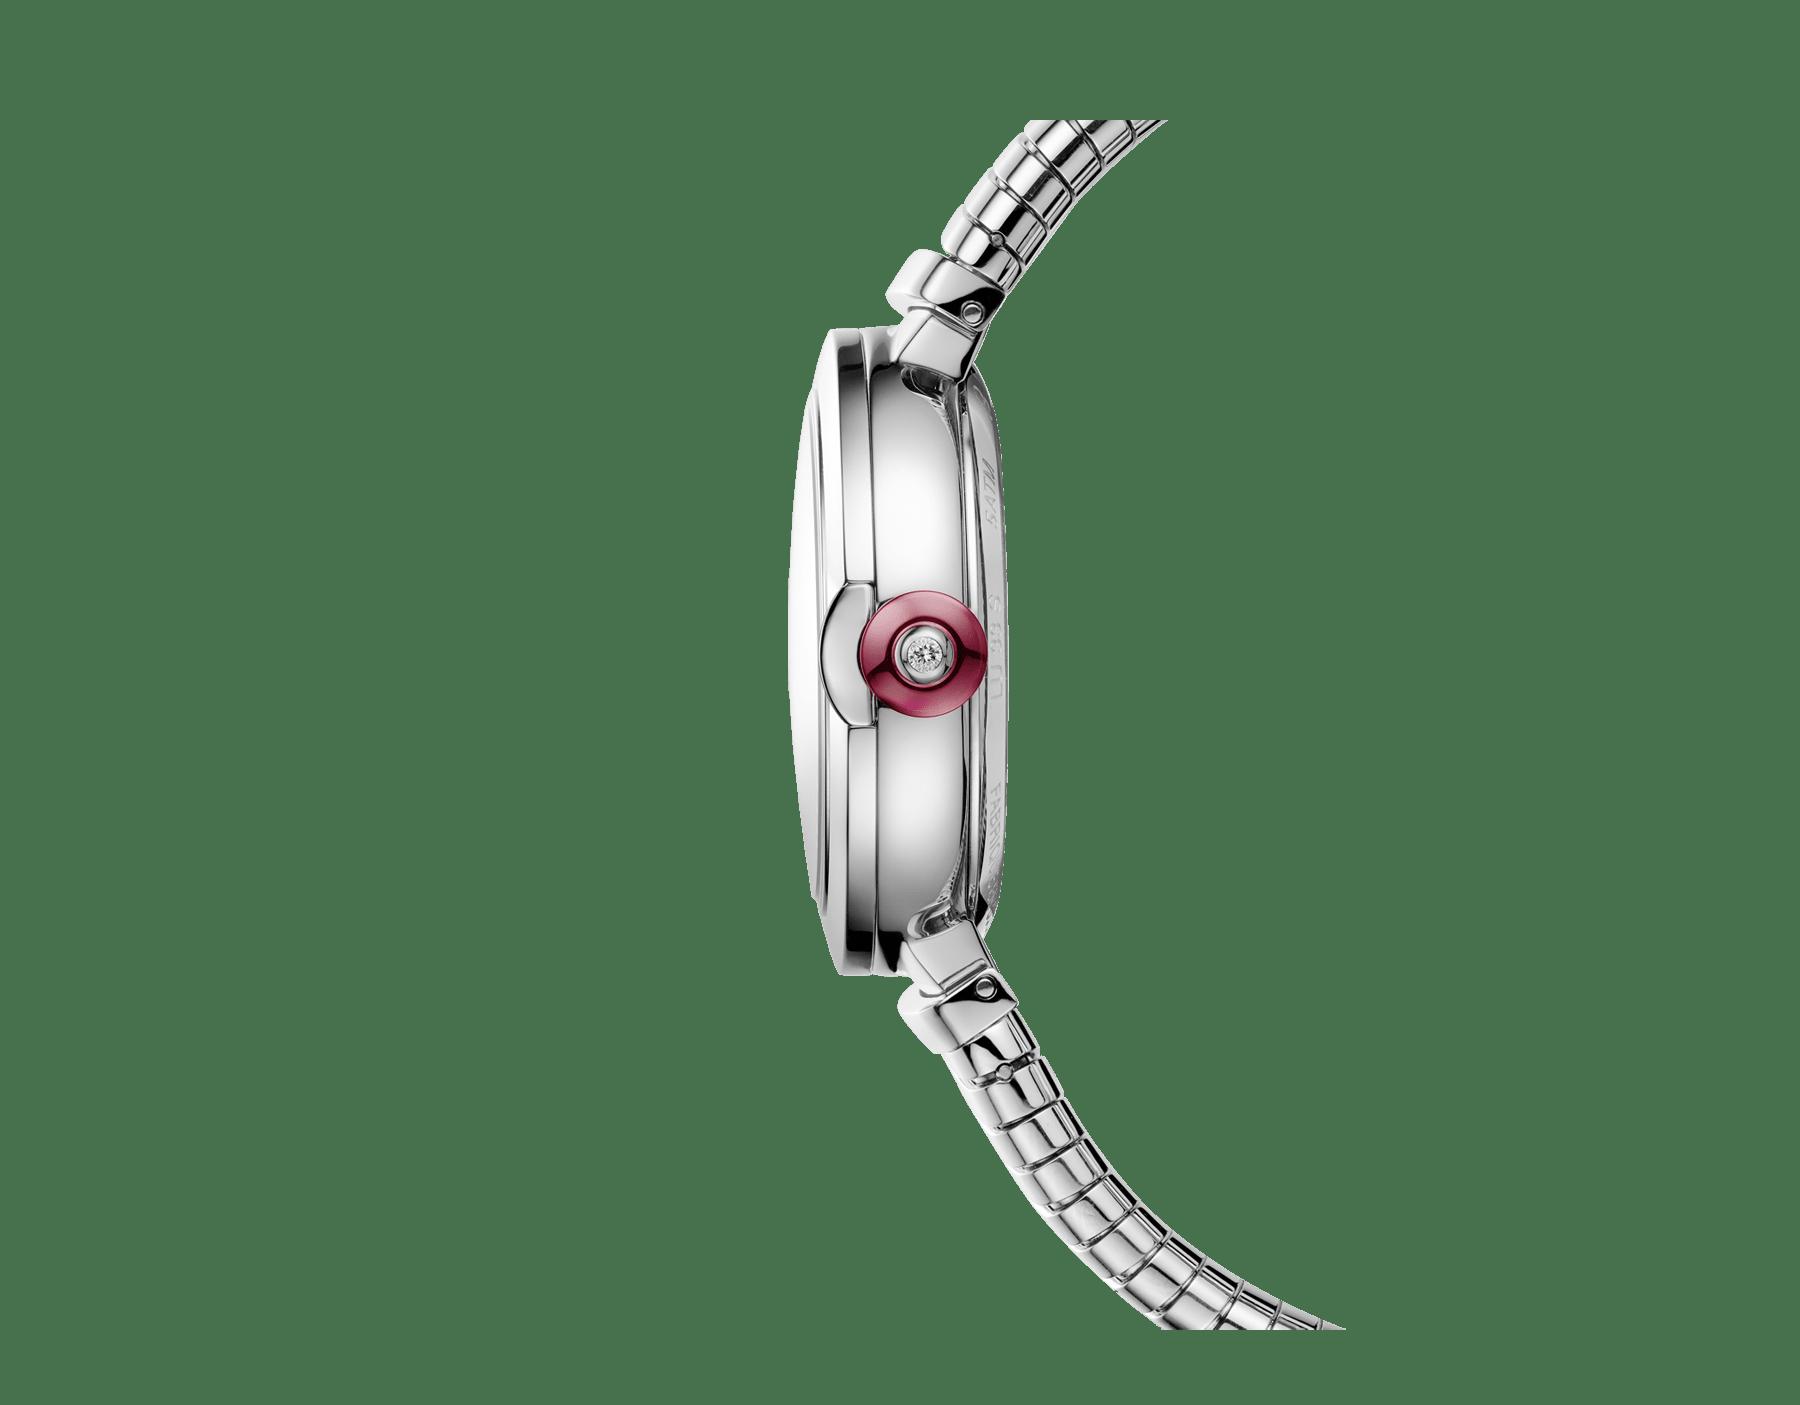 LVCEA Tubogas光环腕表,精钢表壳和Tubogas表链,搭配黑色漆面表盘和钻石时标。 102953 image 2